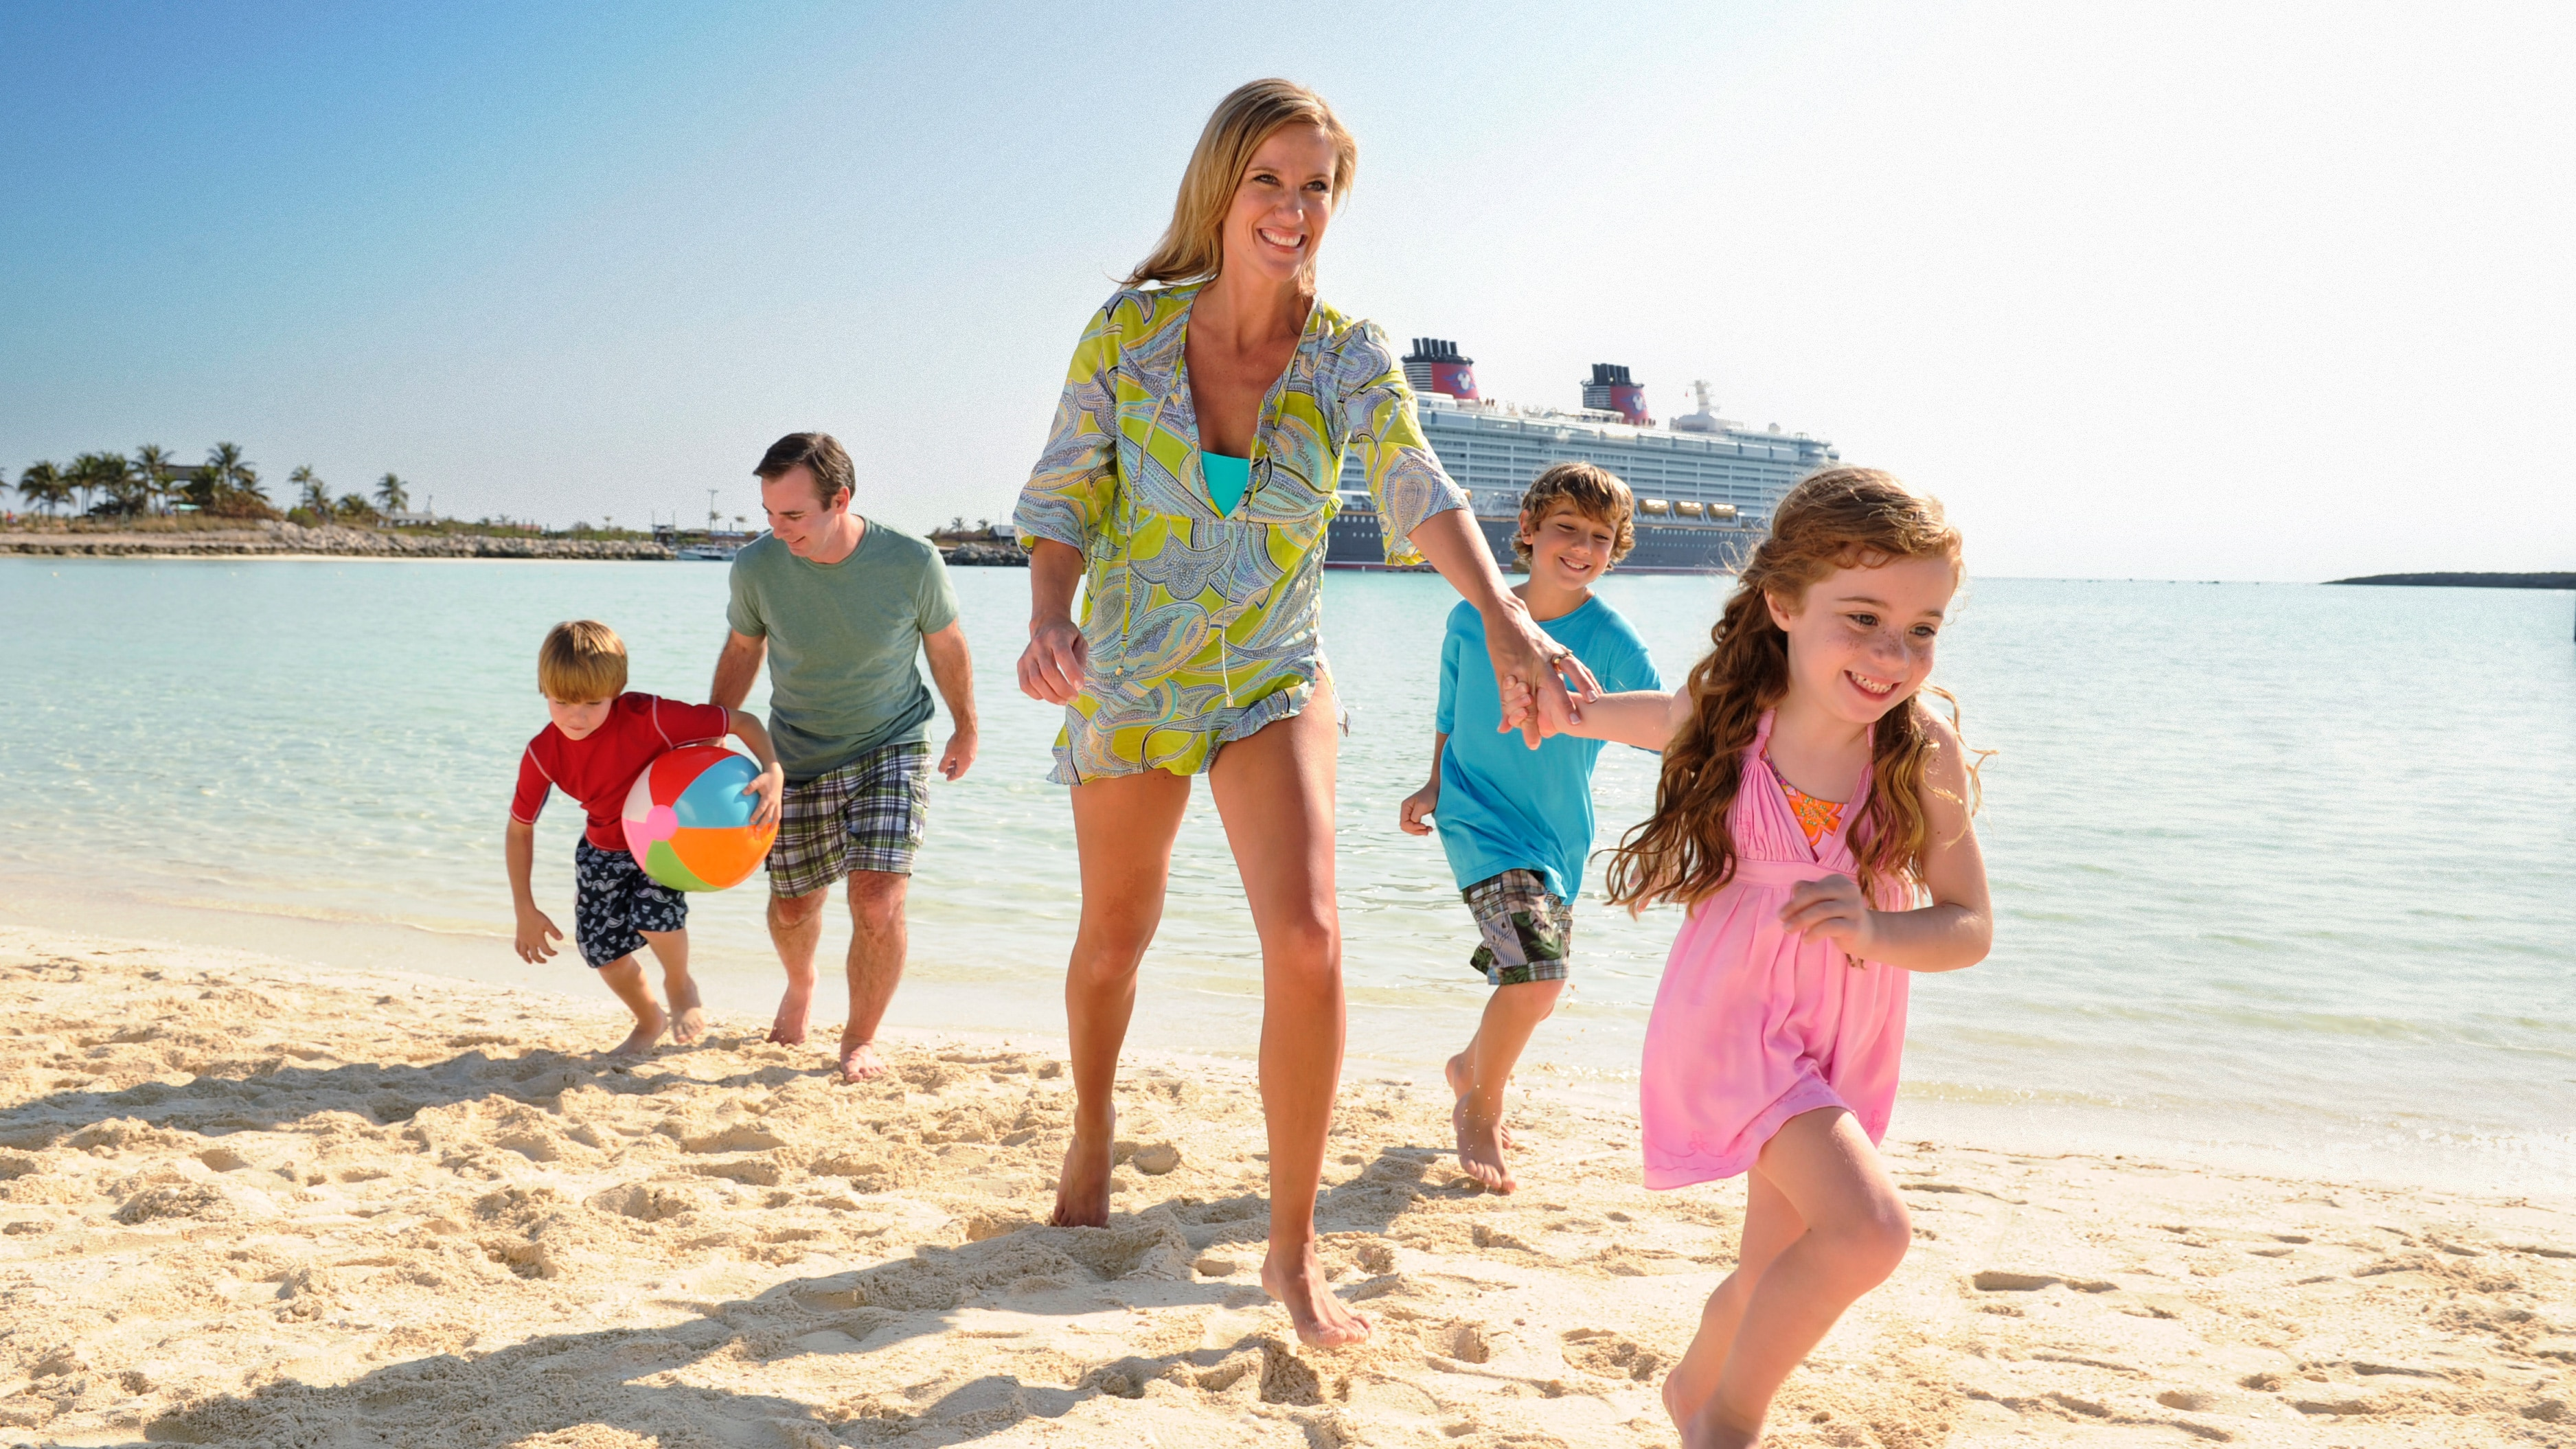 Una familia de cinco camina en la playa, y en el fondo, un barco de crucero Disney atracado